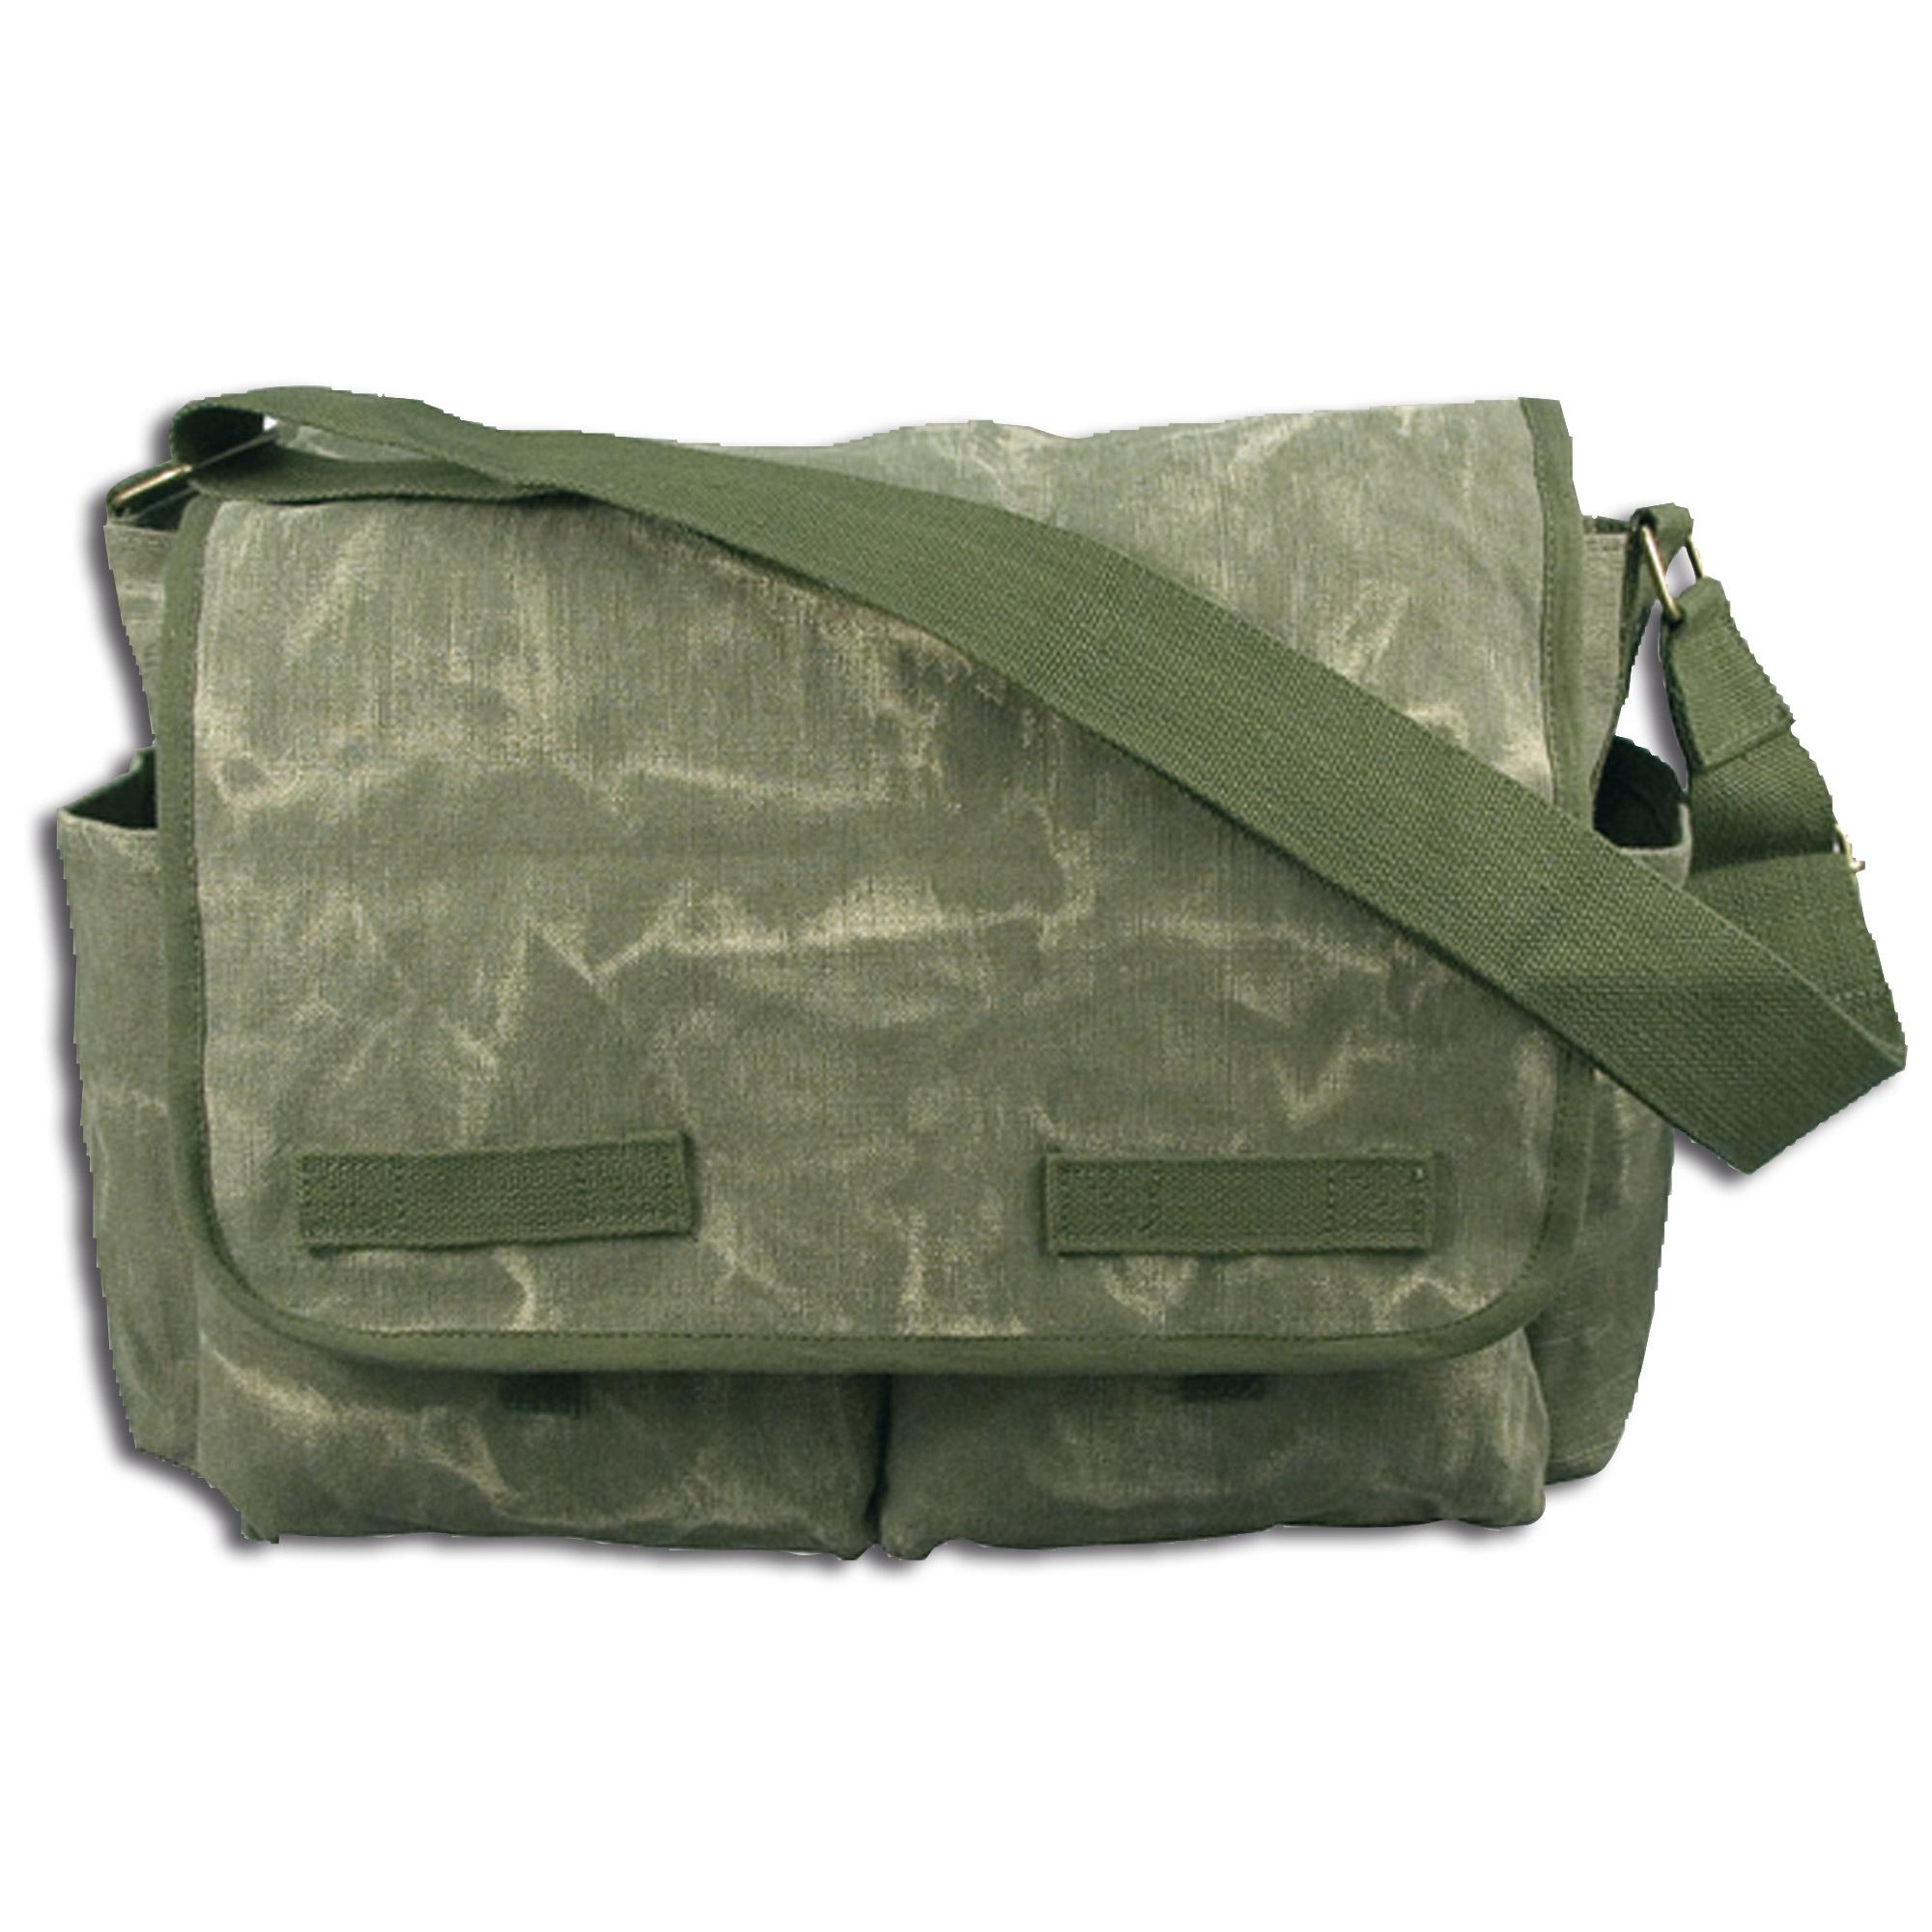 Umhängetasche Messenger Bag Classic oliv stonewashed